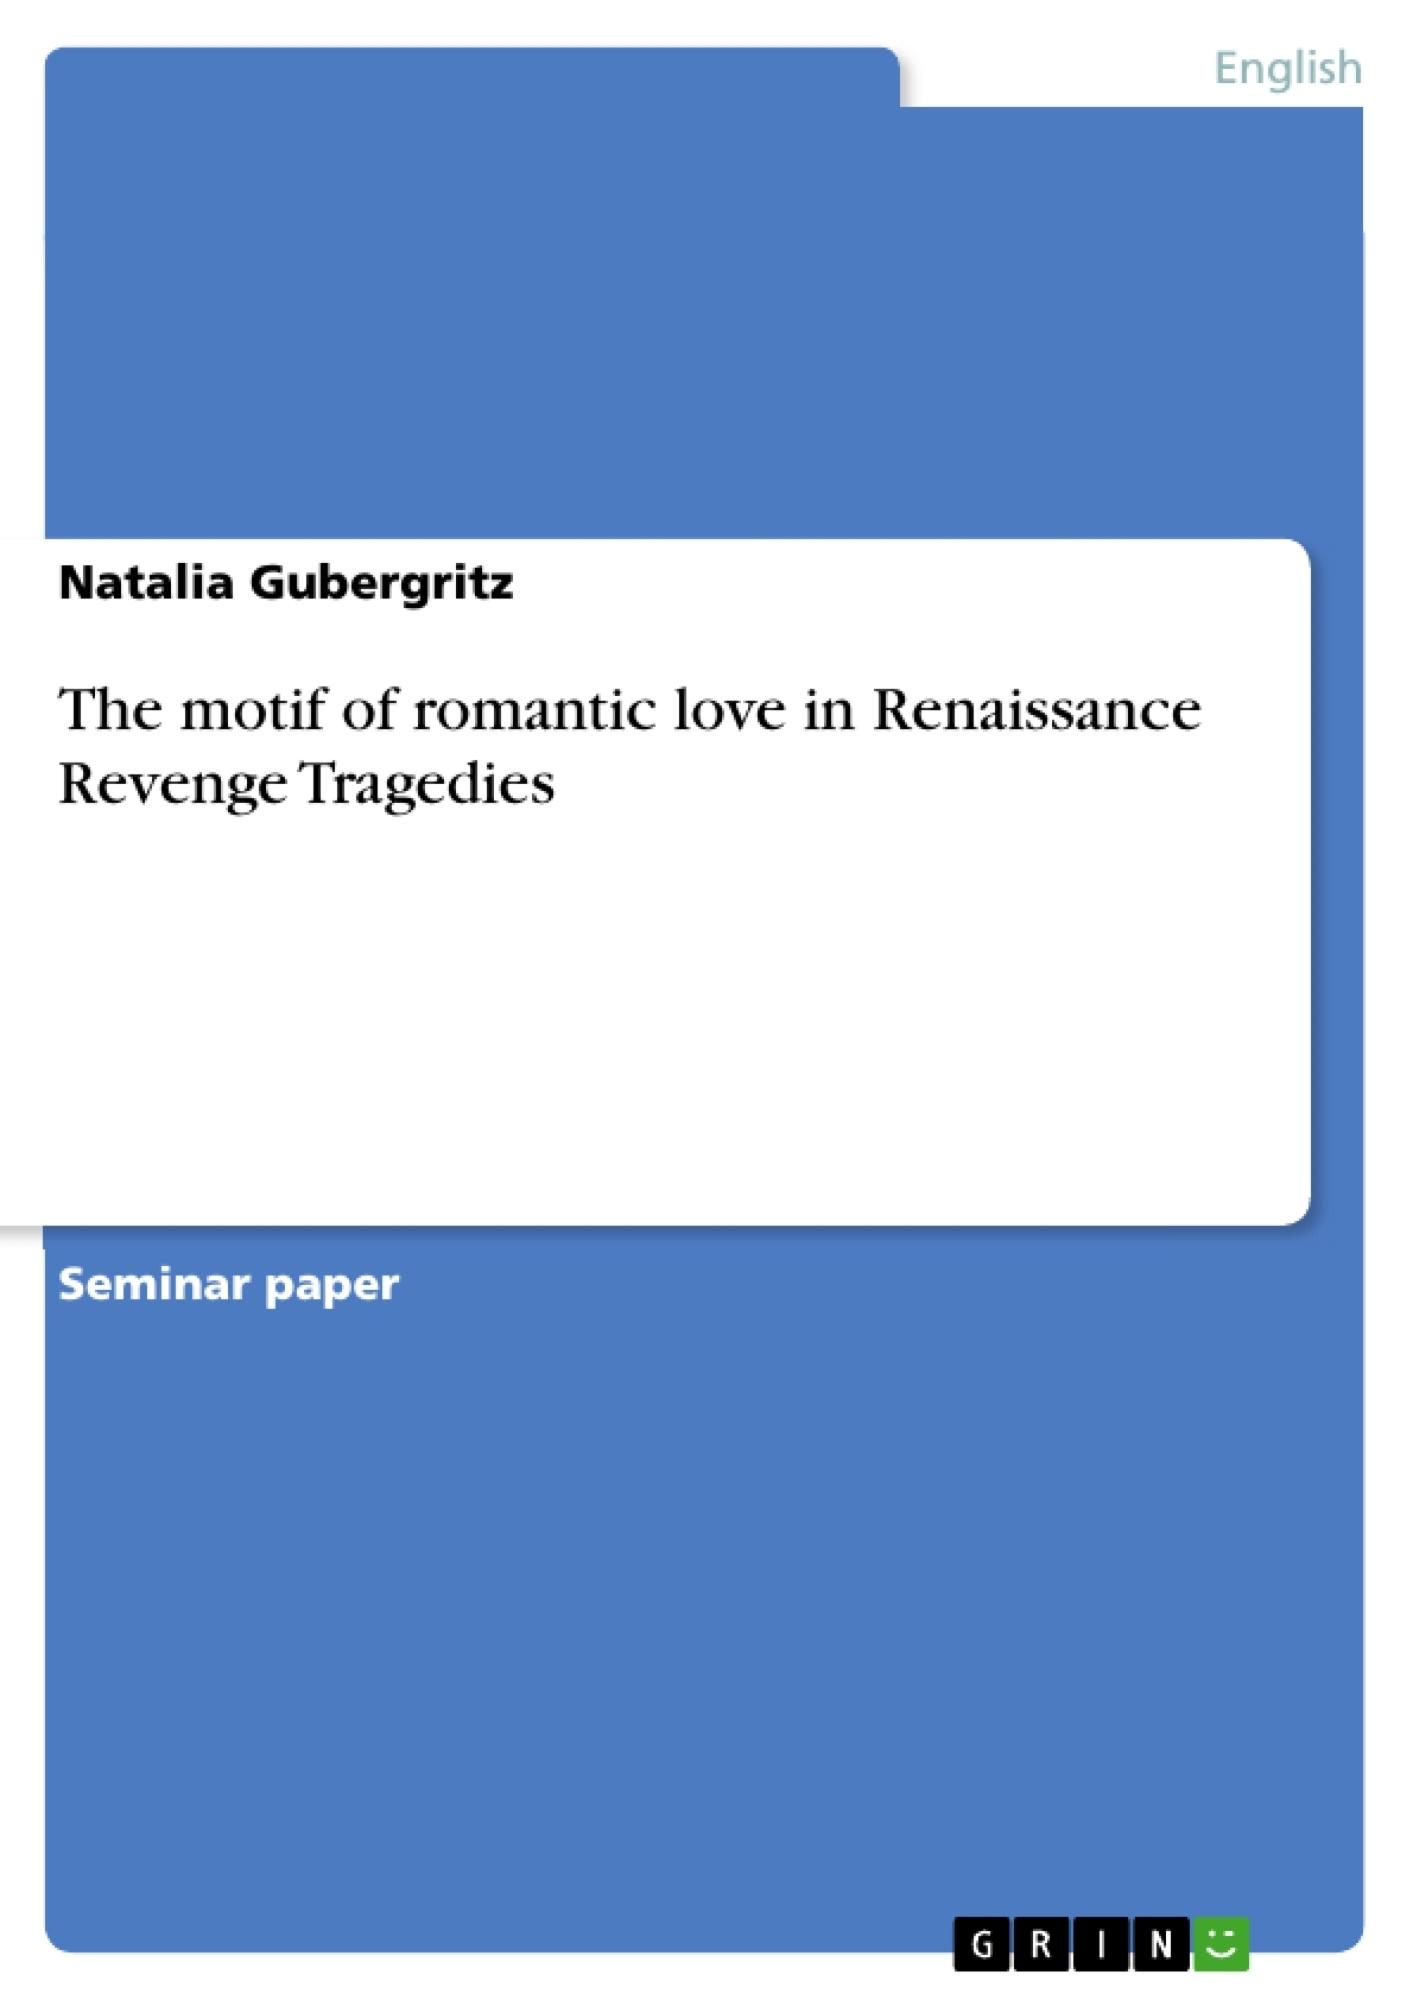 Title: The motif of romantic love in Renaissance Revenge Tragedies